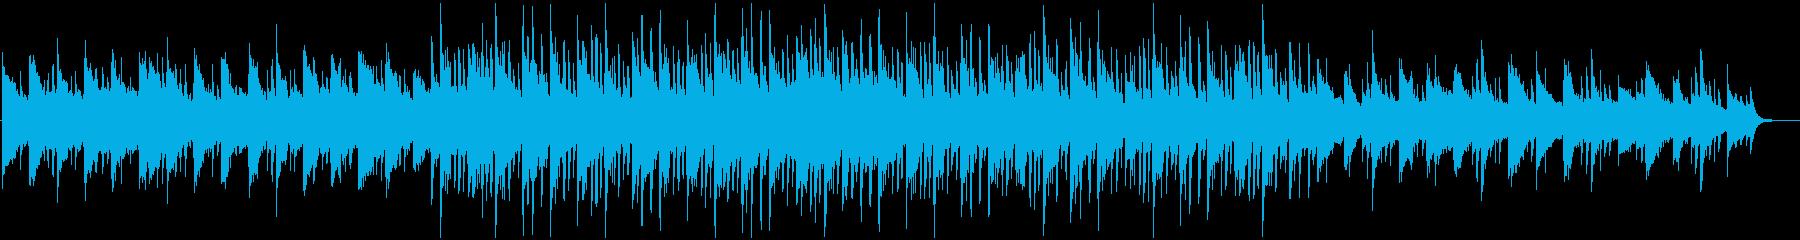 雄大で幻想的なピアノのBGMの再生済みの波形